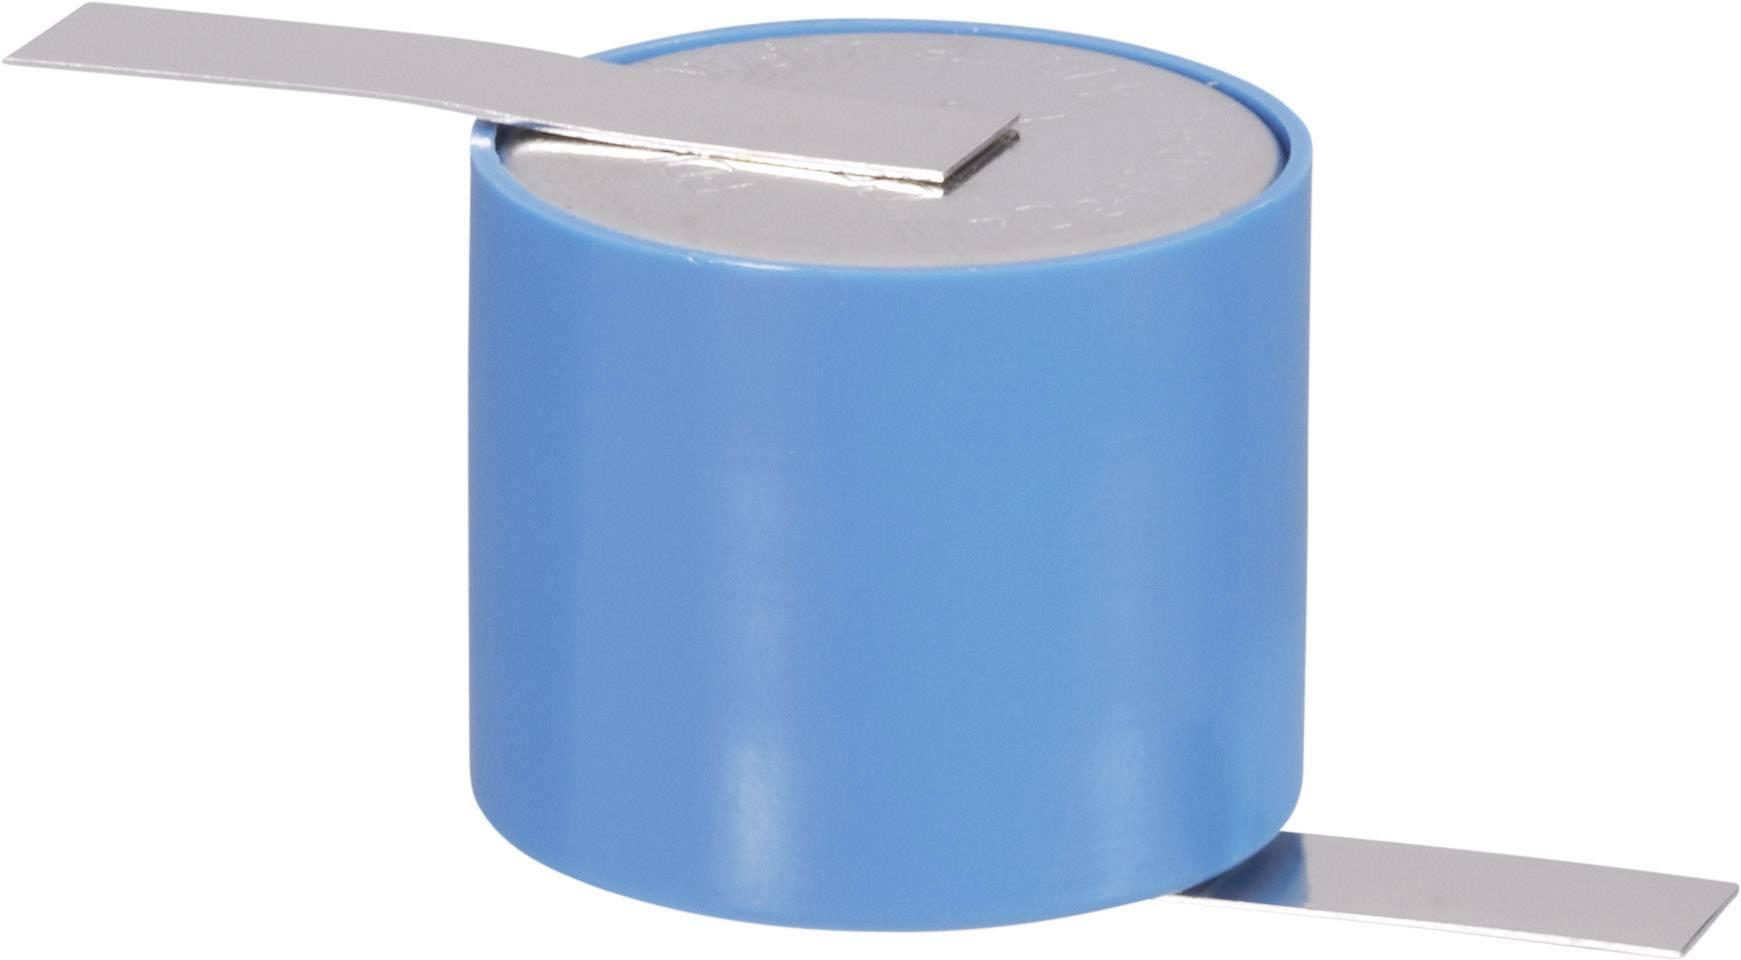 Knoflíková baterie s pájecími kontakty Varta CR 1/3 N LF, lithium